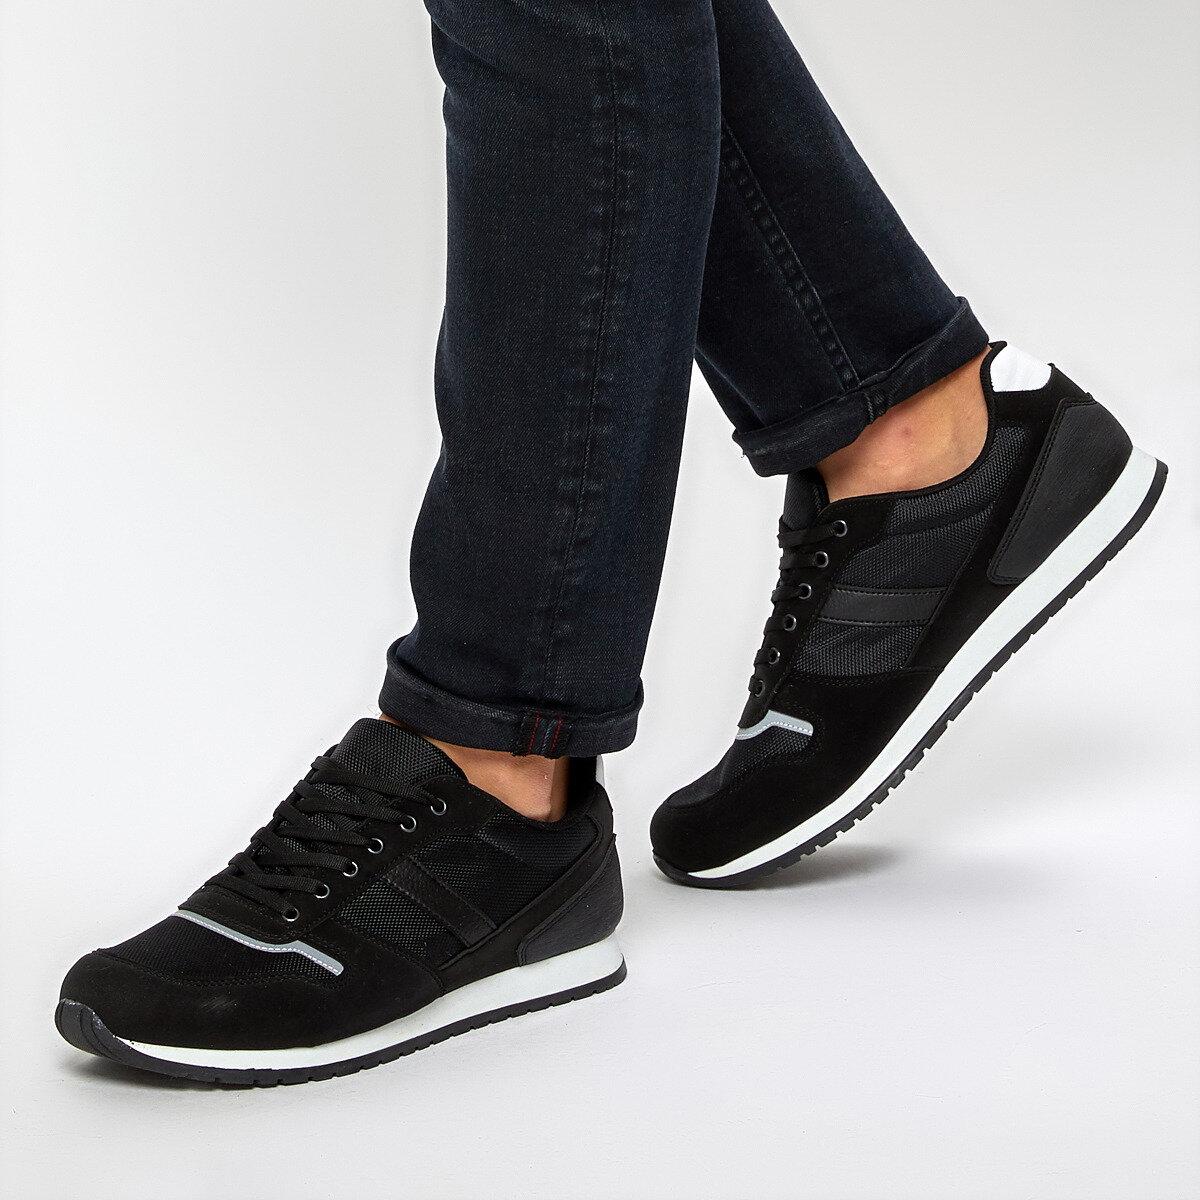 FLO 92.356072.M zapatos negros Polaris